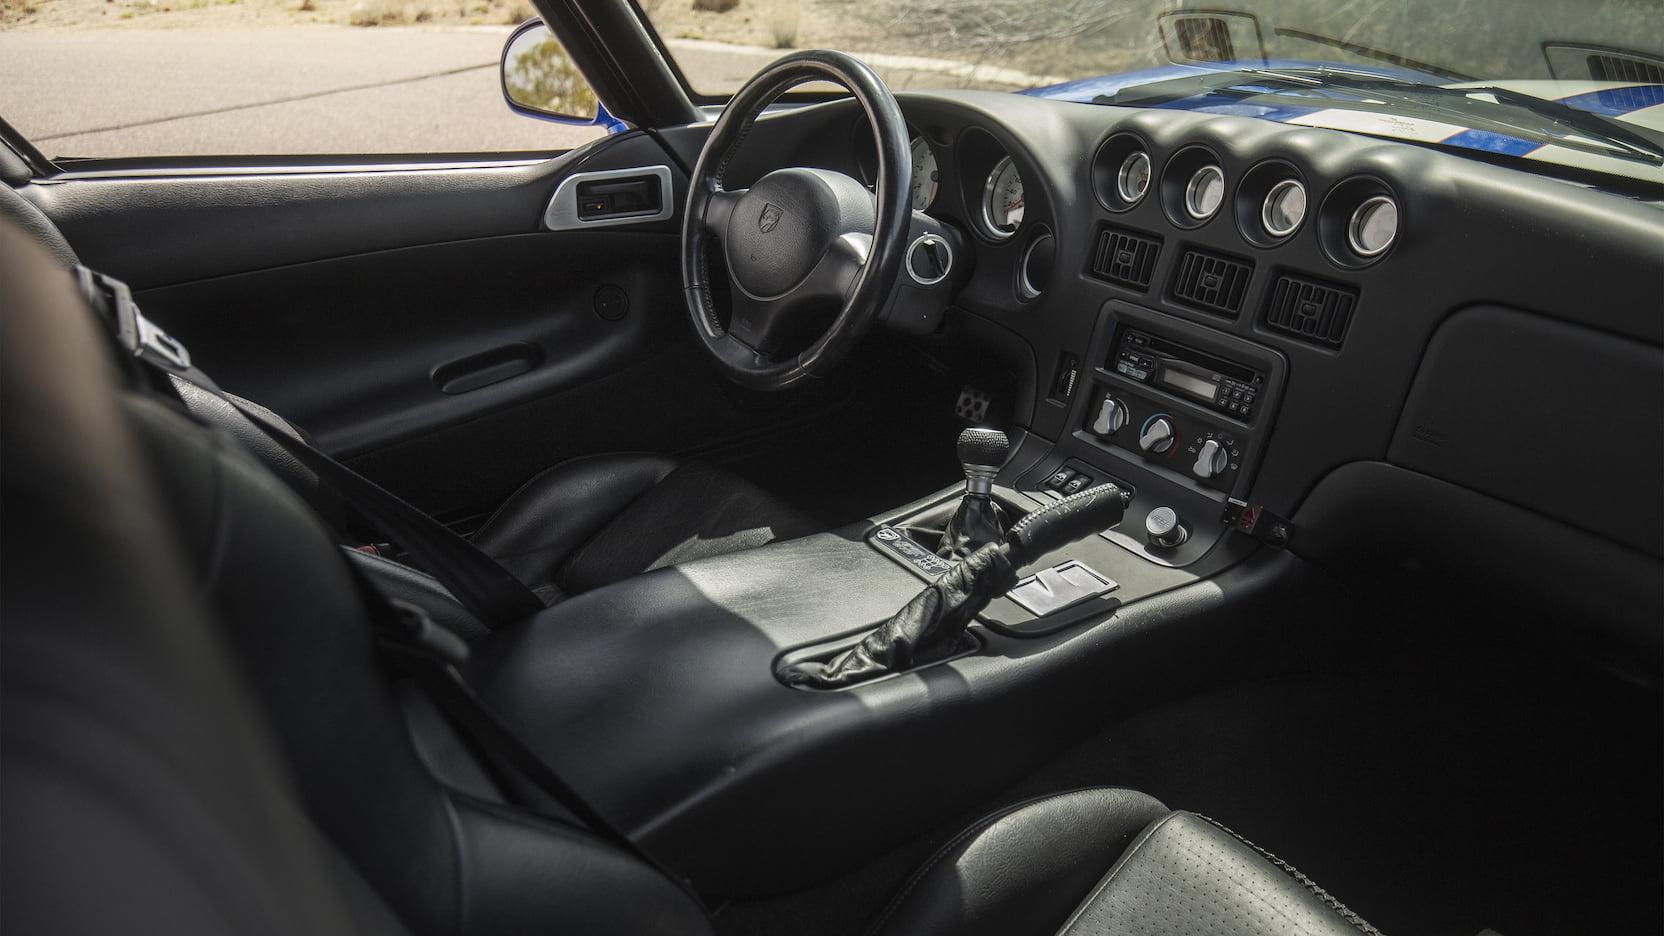 1996 Dodge Viper GTS interior passenger side